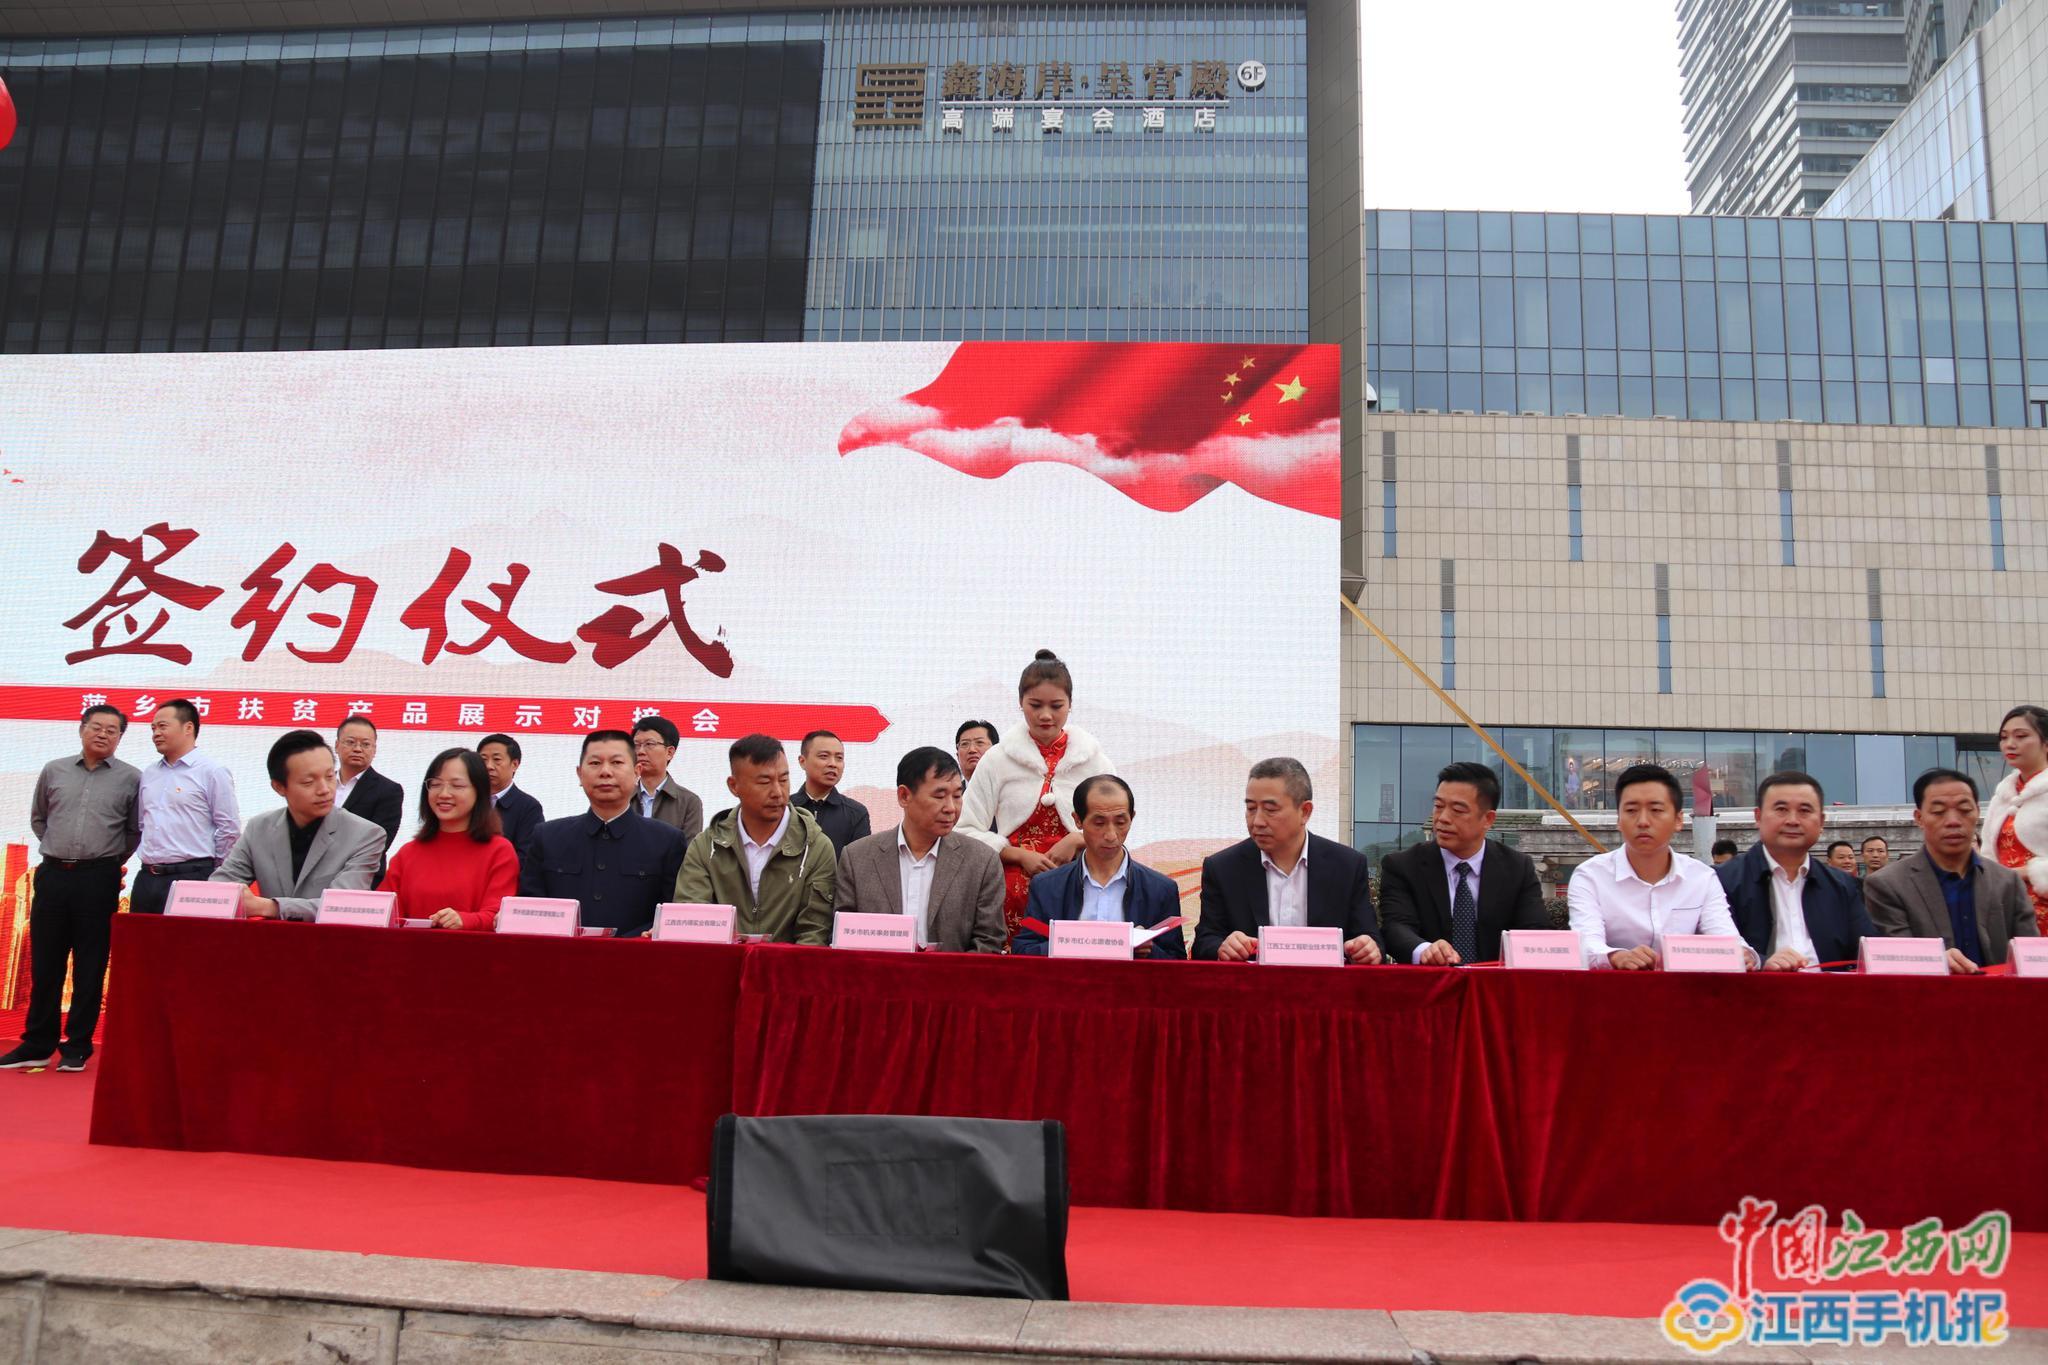 萍乡市餐饮协会会长全力支持全市消费扶贫工作